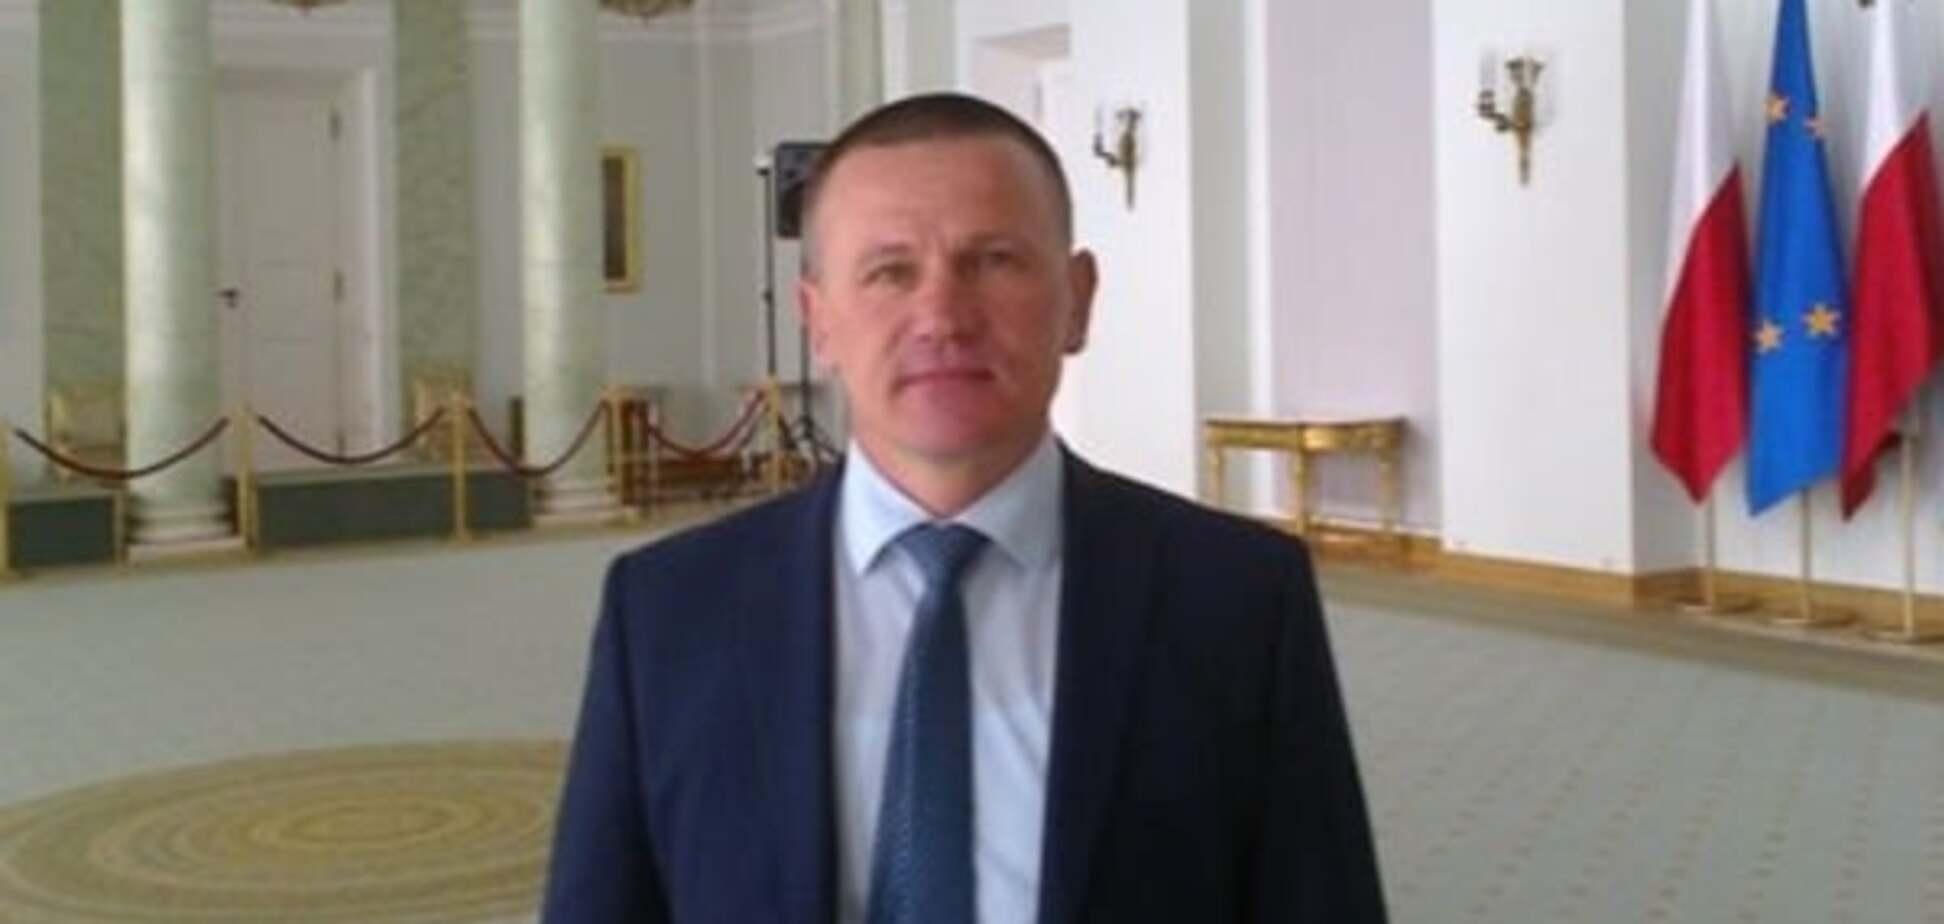 Мэр всемогущий: соцсети высмеяли 'поставки газа Путиным' в Геническ